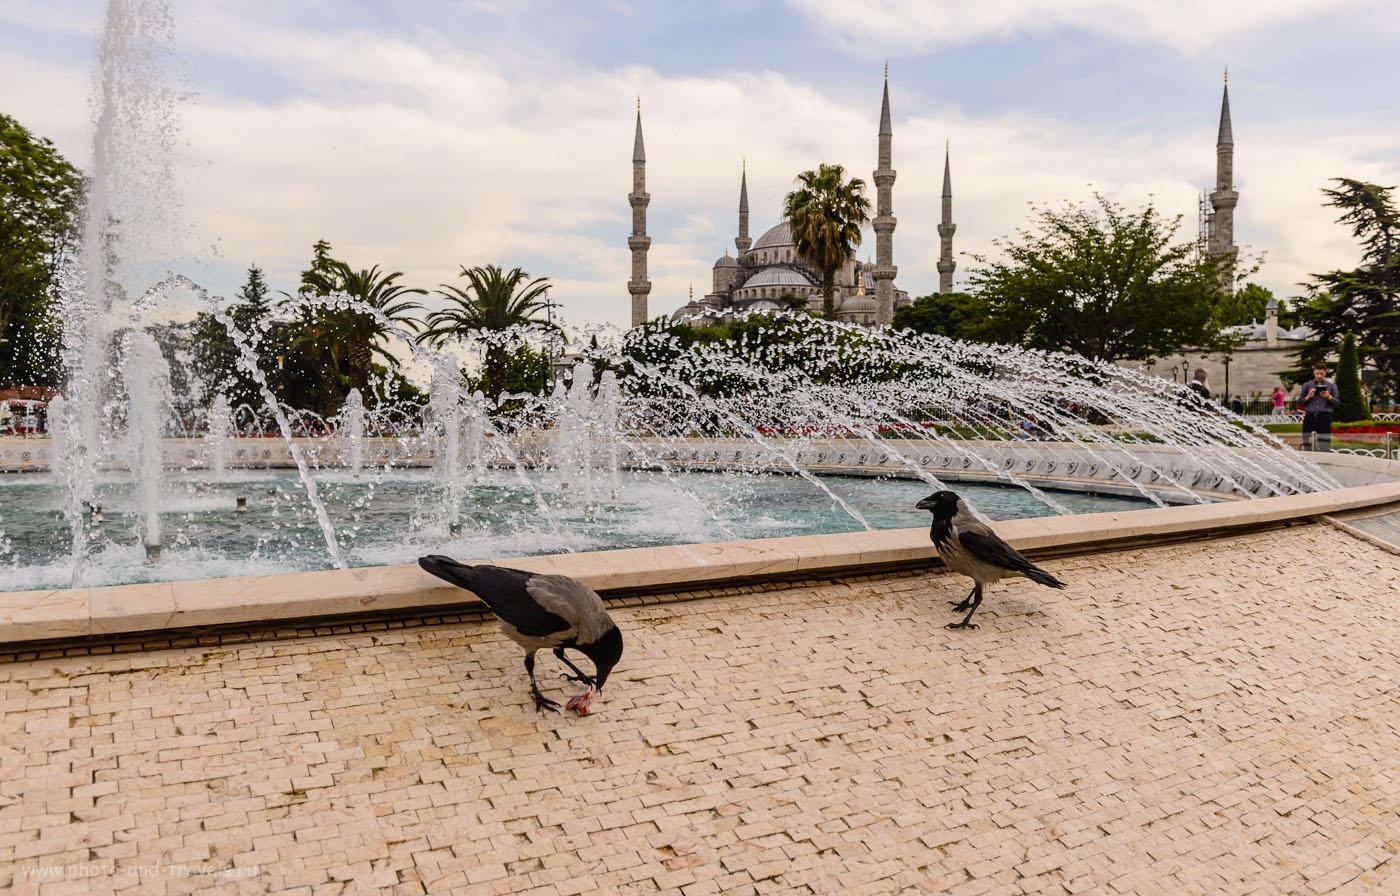 13. Вид на мечеть Султанахмет в Стамбуле. Отчеты туристов об отдыхе в Турции самостоятельно. 1/400, 6.3, 200, 29.